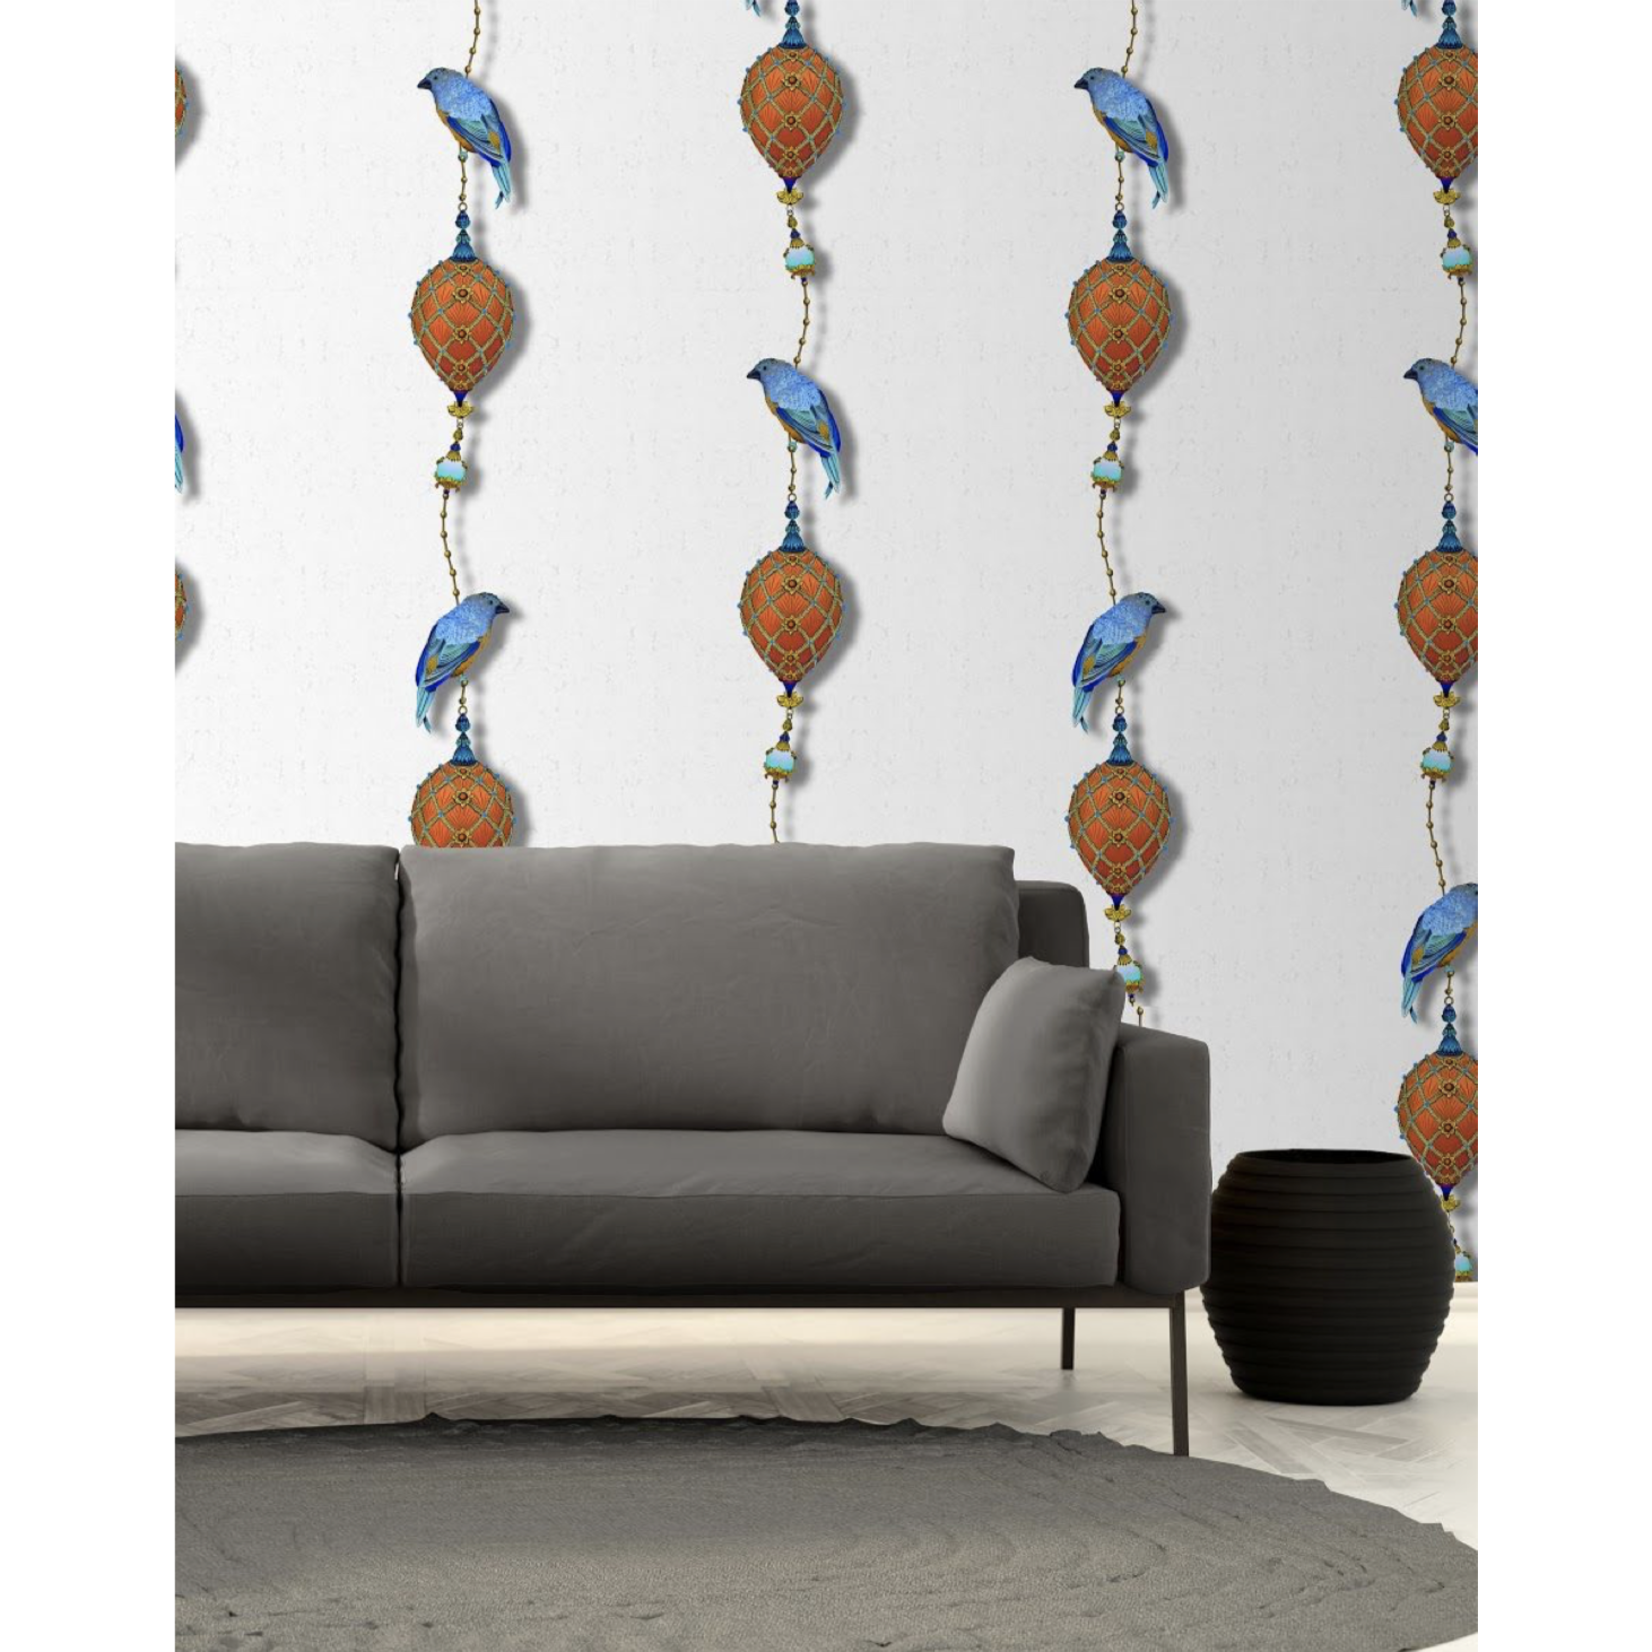 Kit Miles Pendentifs et oiseaux d'ornement | Cobalt Blues & Orange Brûlée